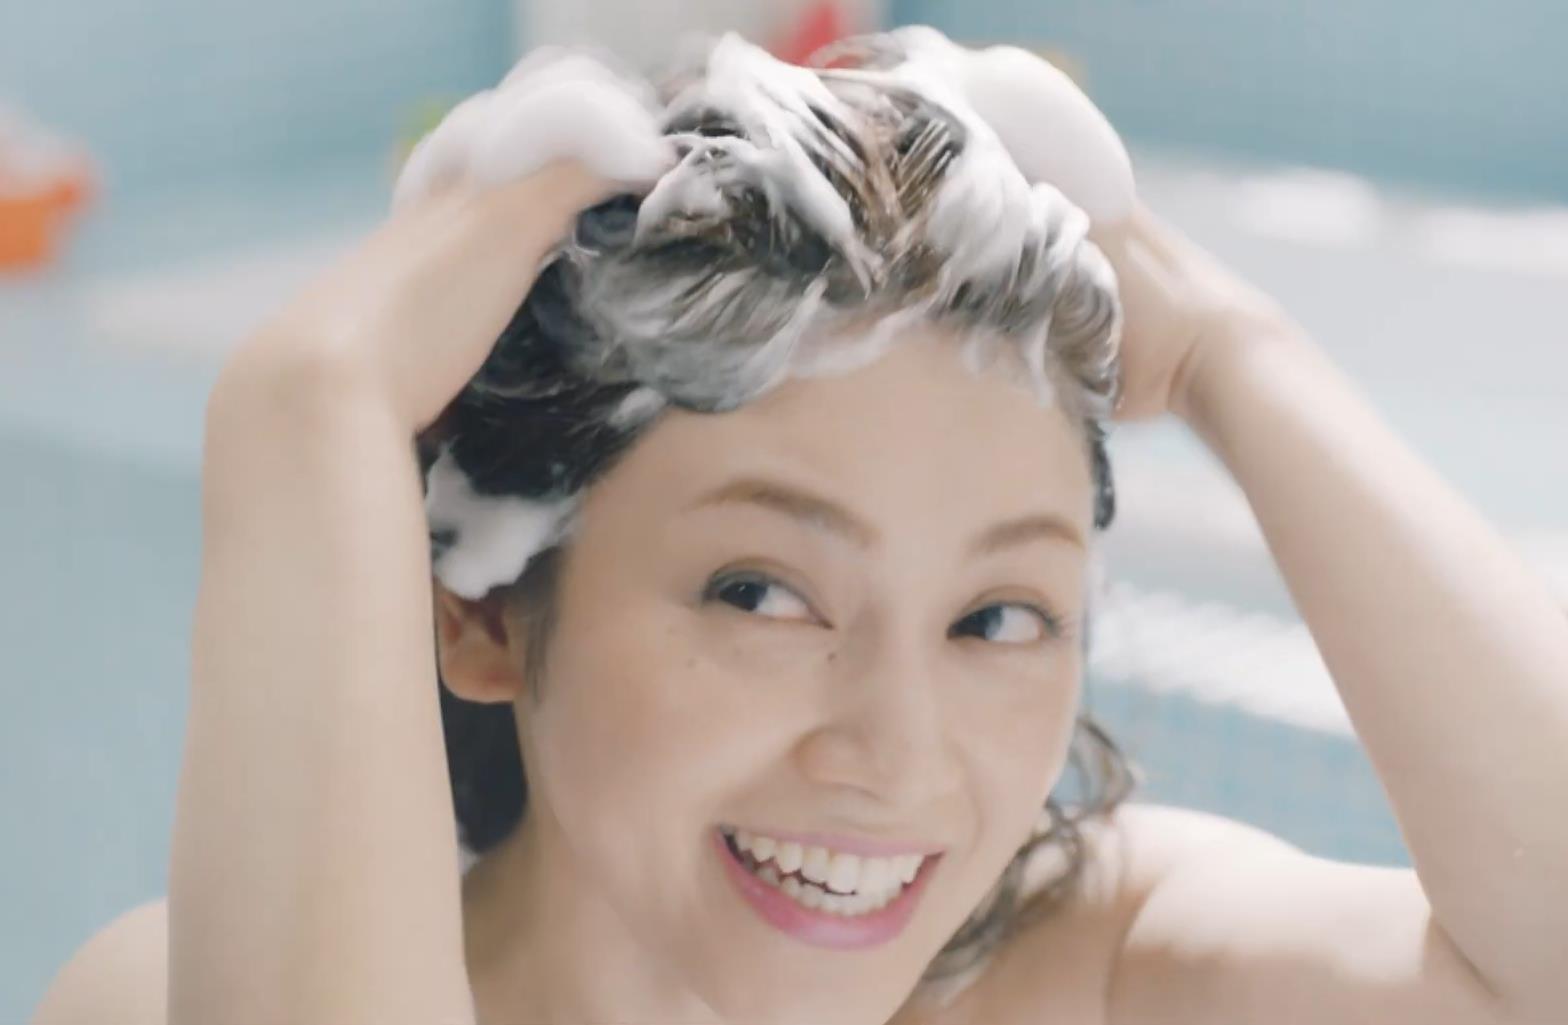 平愛梨 入浴シーンがあるCMキャプ・エロ画像9